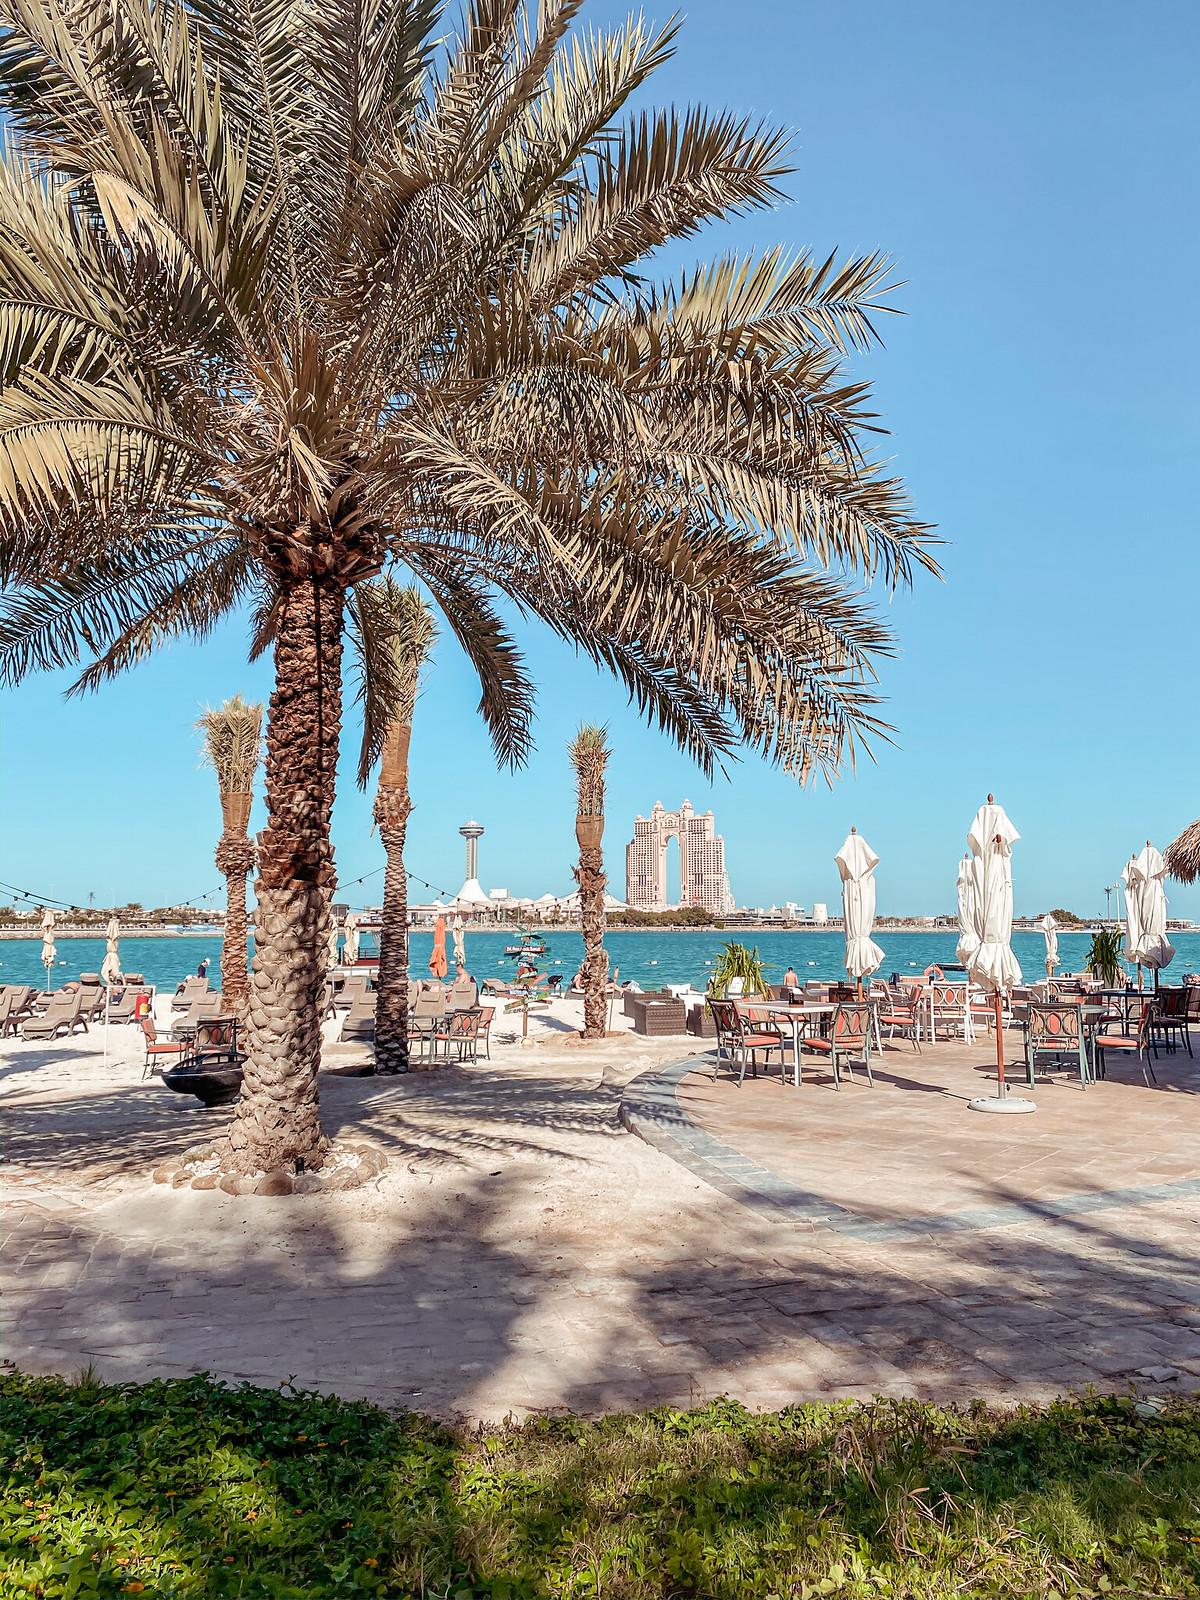 Radisson Blu Corniche beach